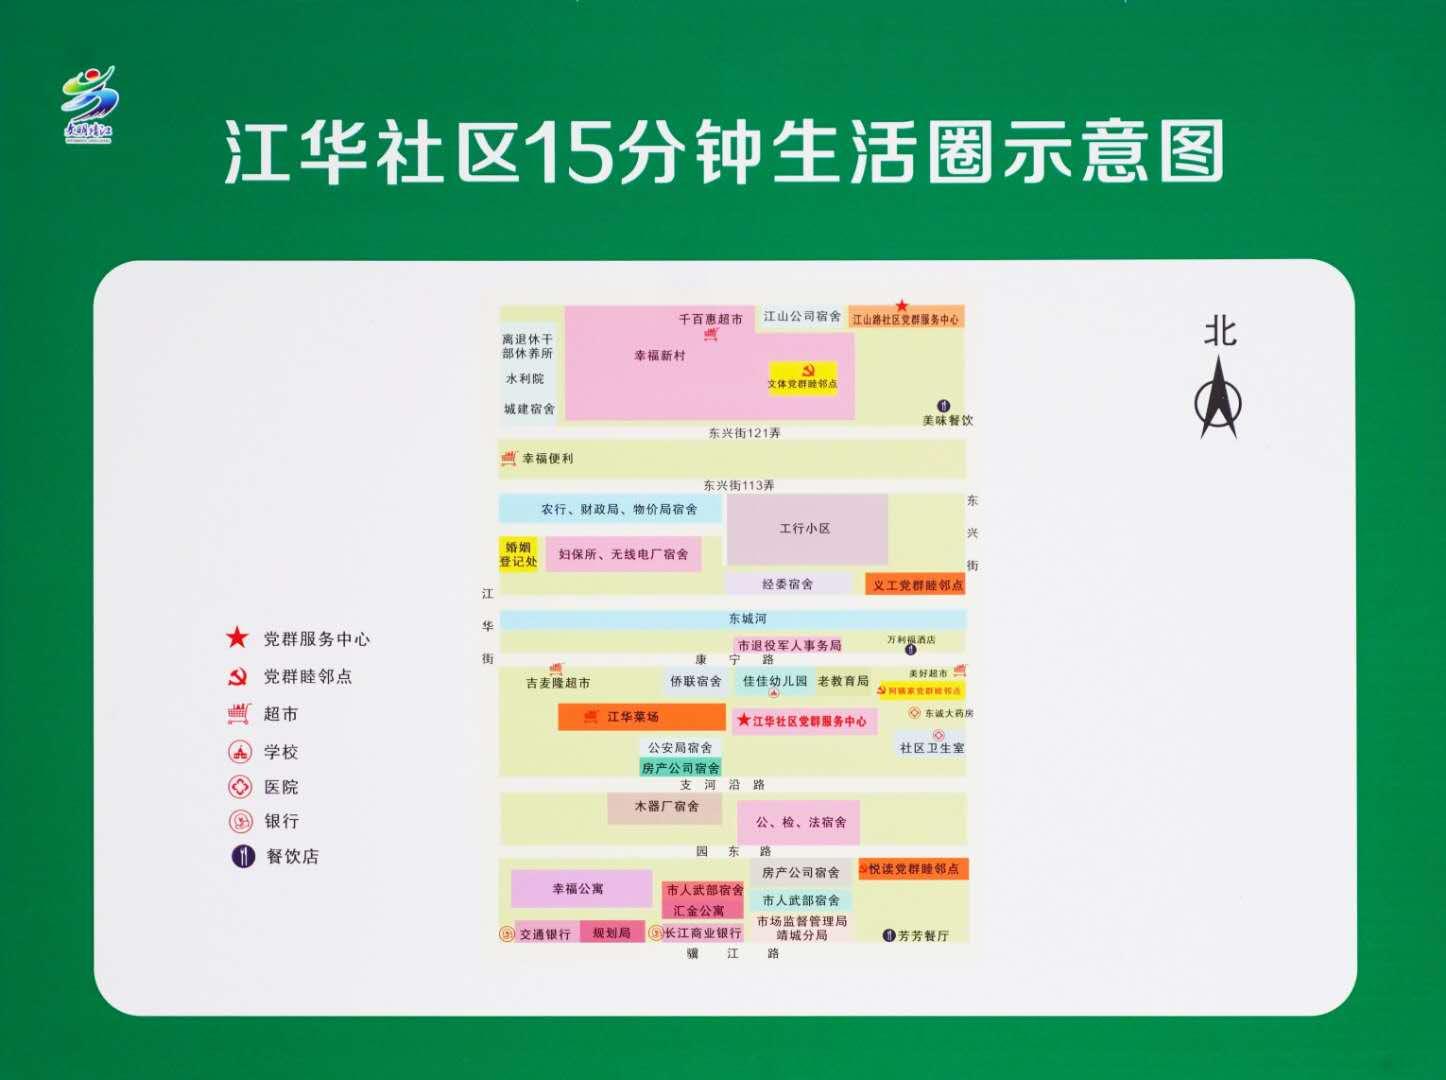 """泰州靖江:15分钟生活圈,""""串""""起百姓幸福小康!"""